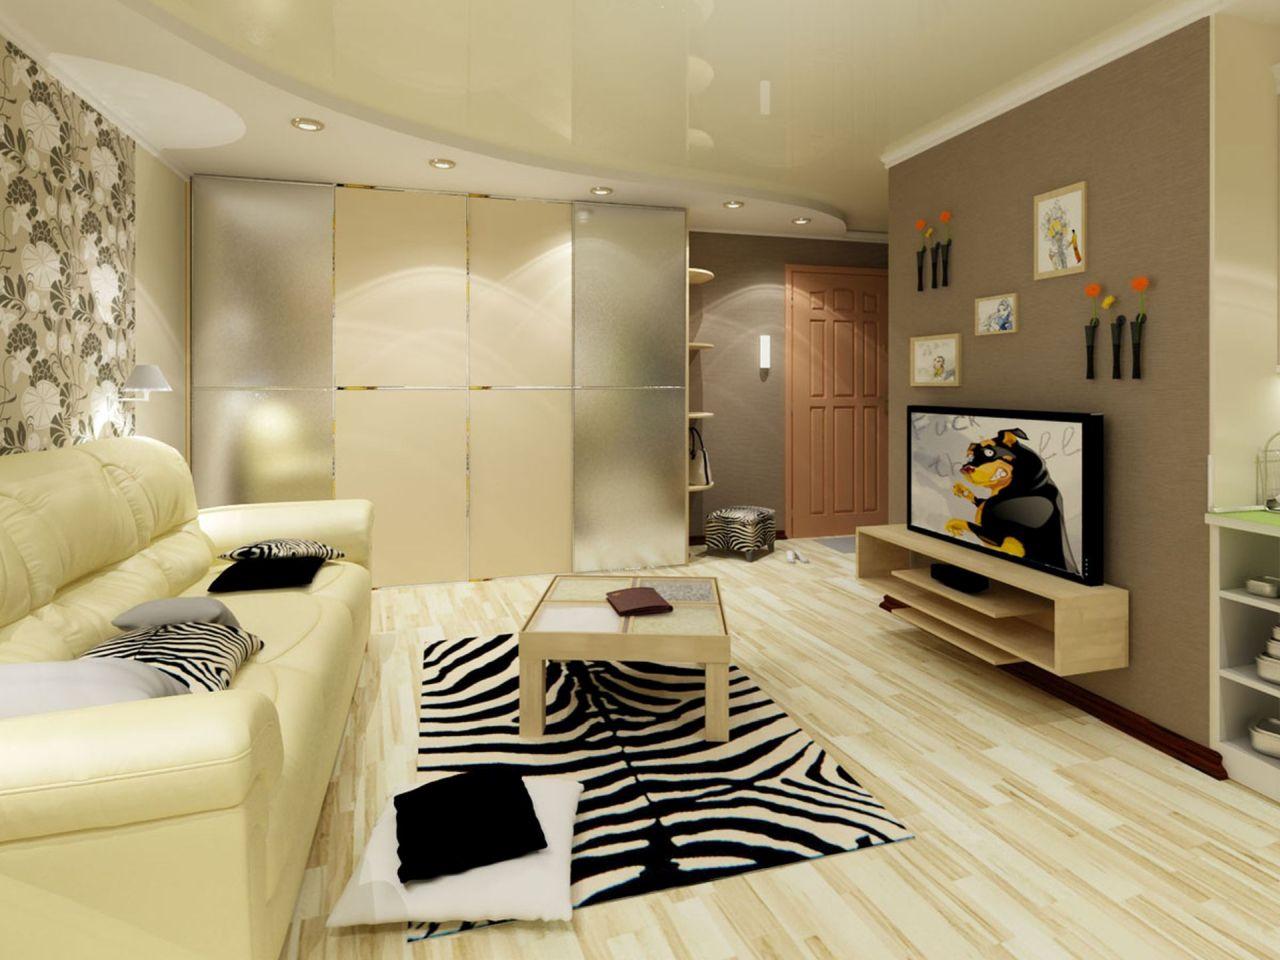 Заказать натяжные потолки в спальную комнату в Москве